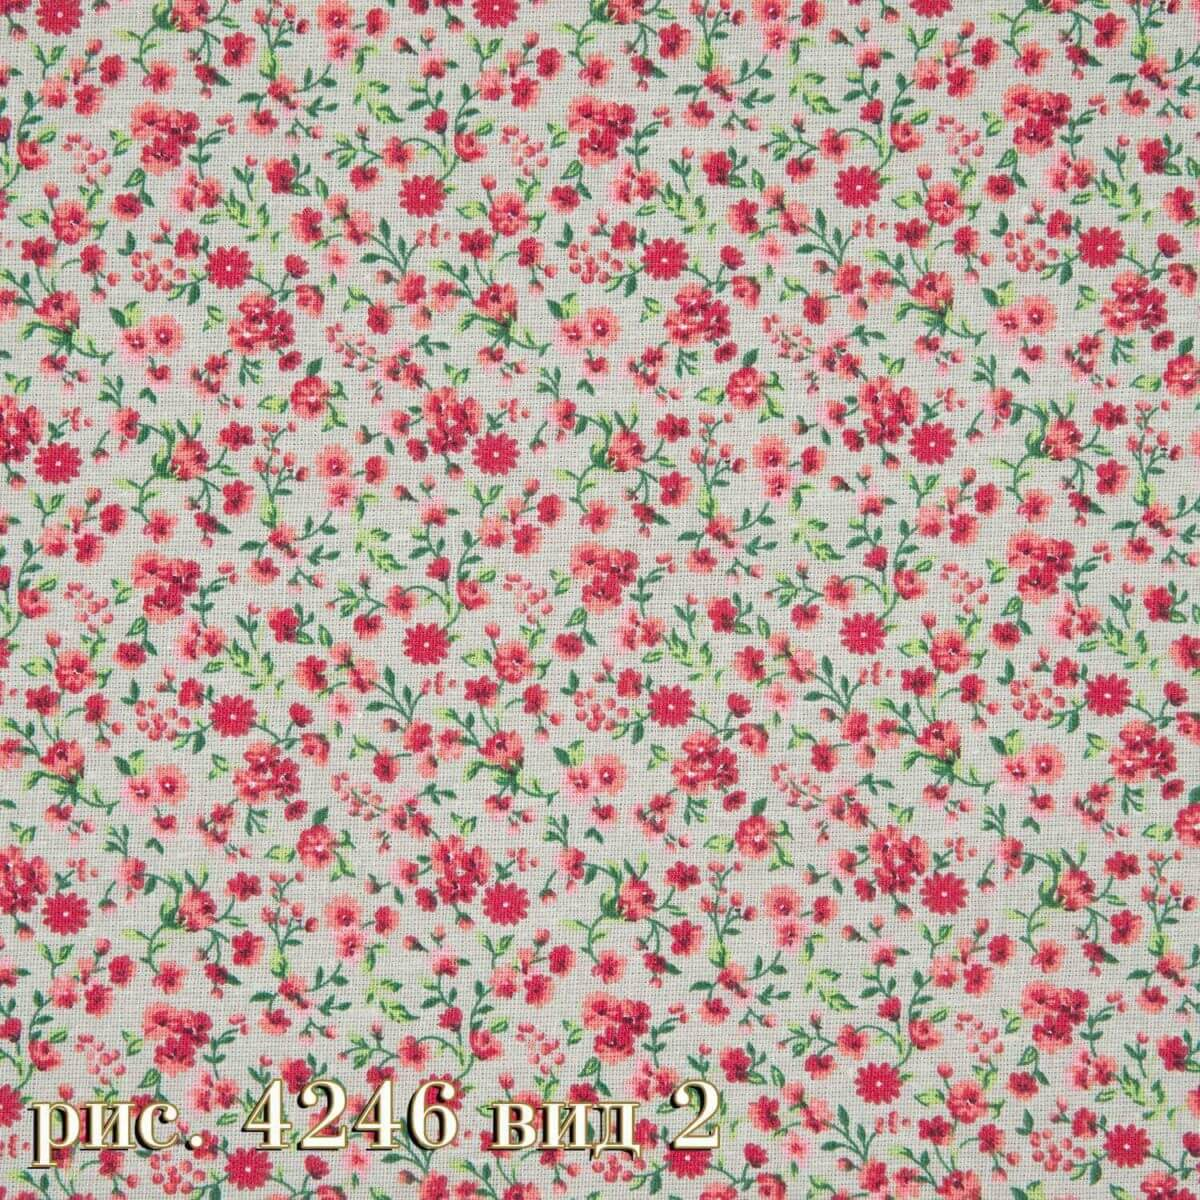 Фото 17 - Плательная ткань бязь 220 см (4246/11).